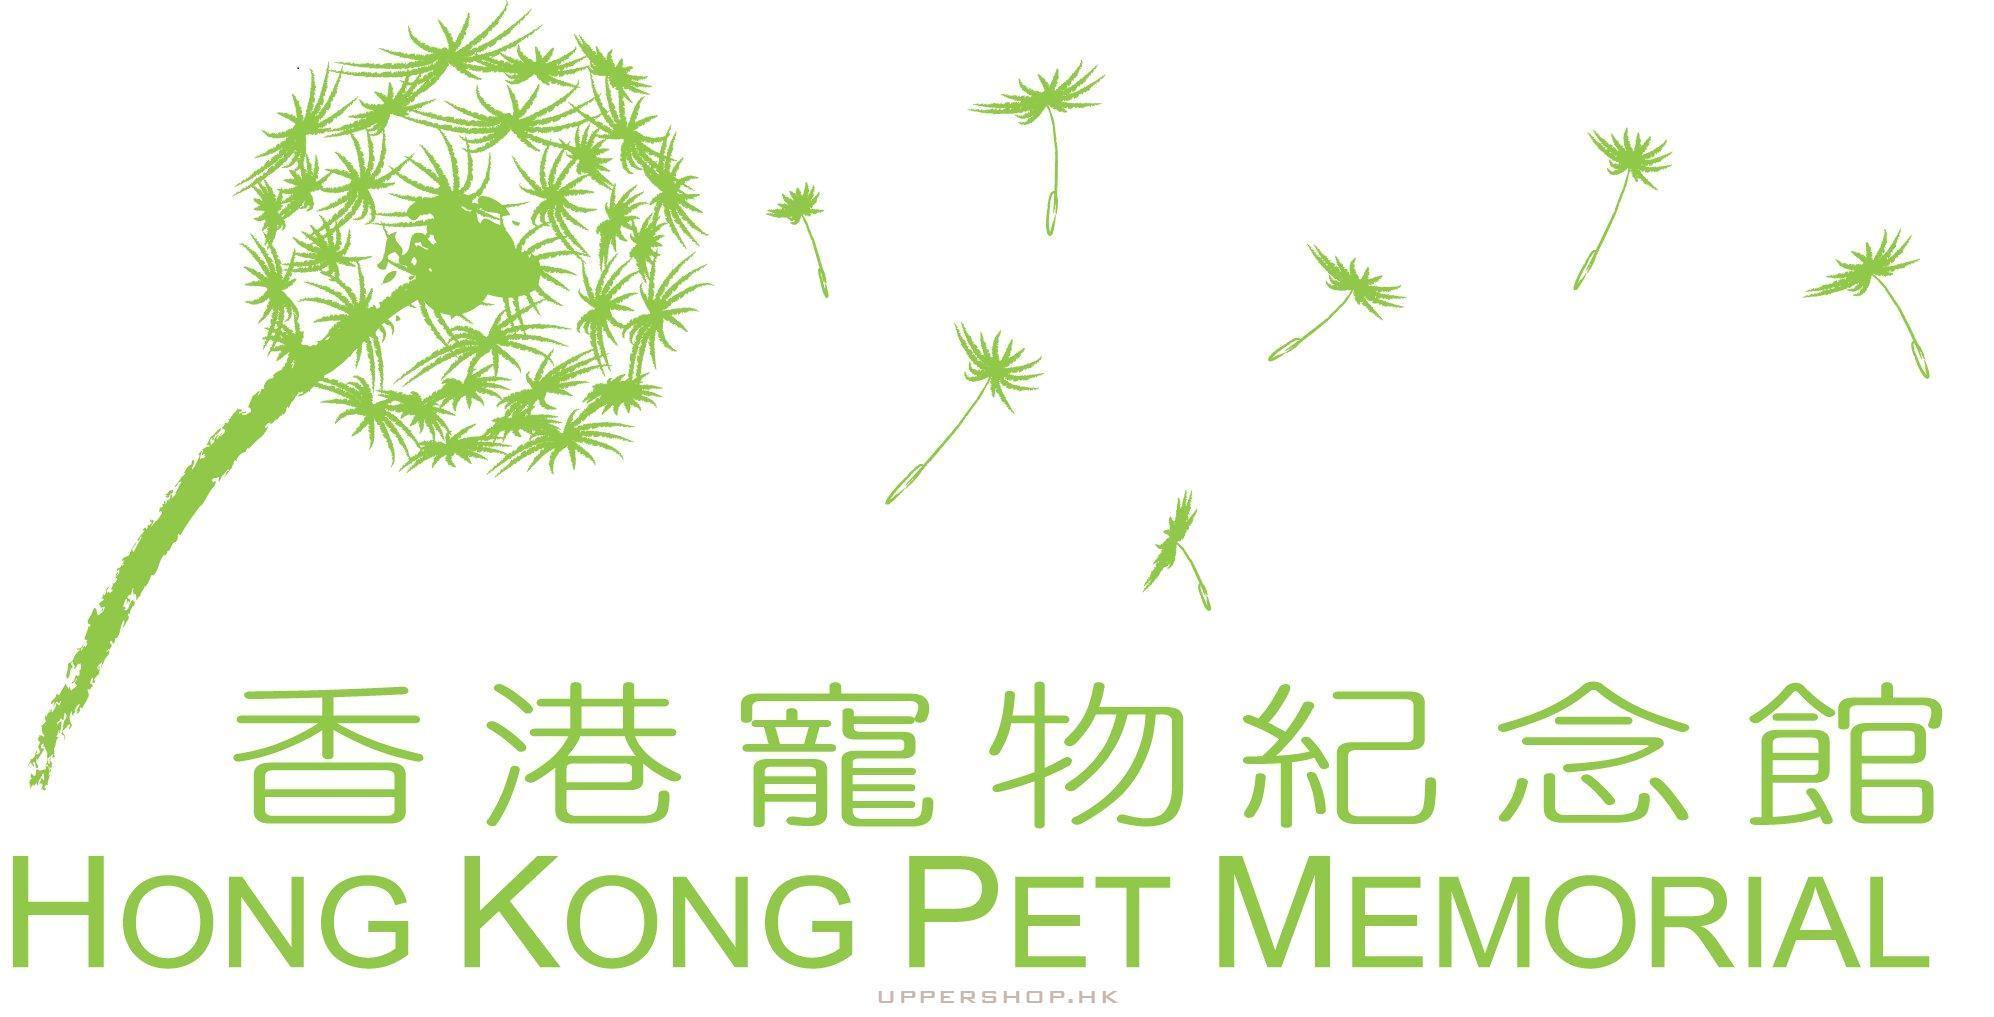 香港寵物紀念館